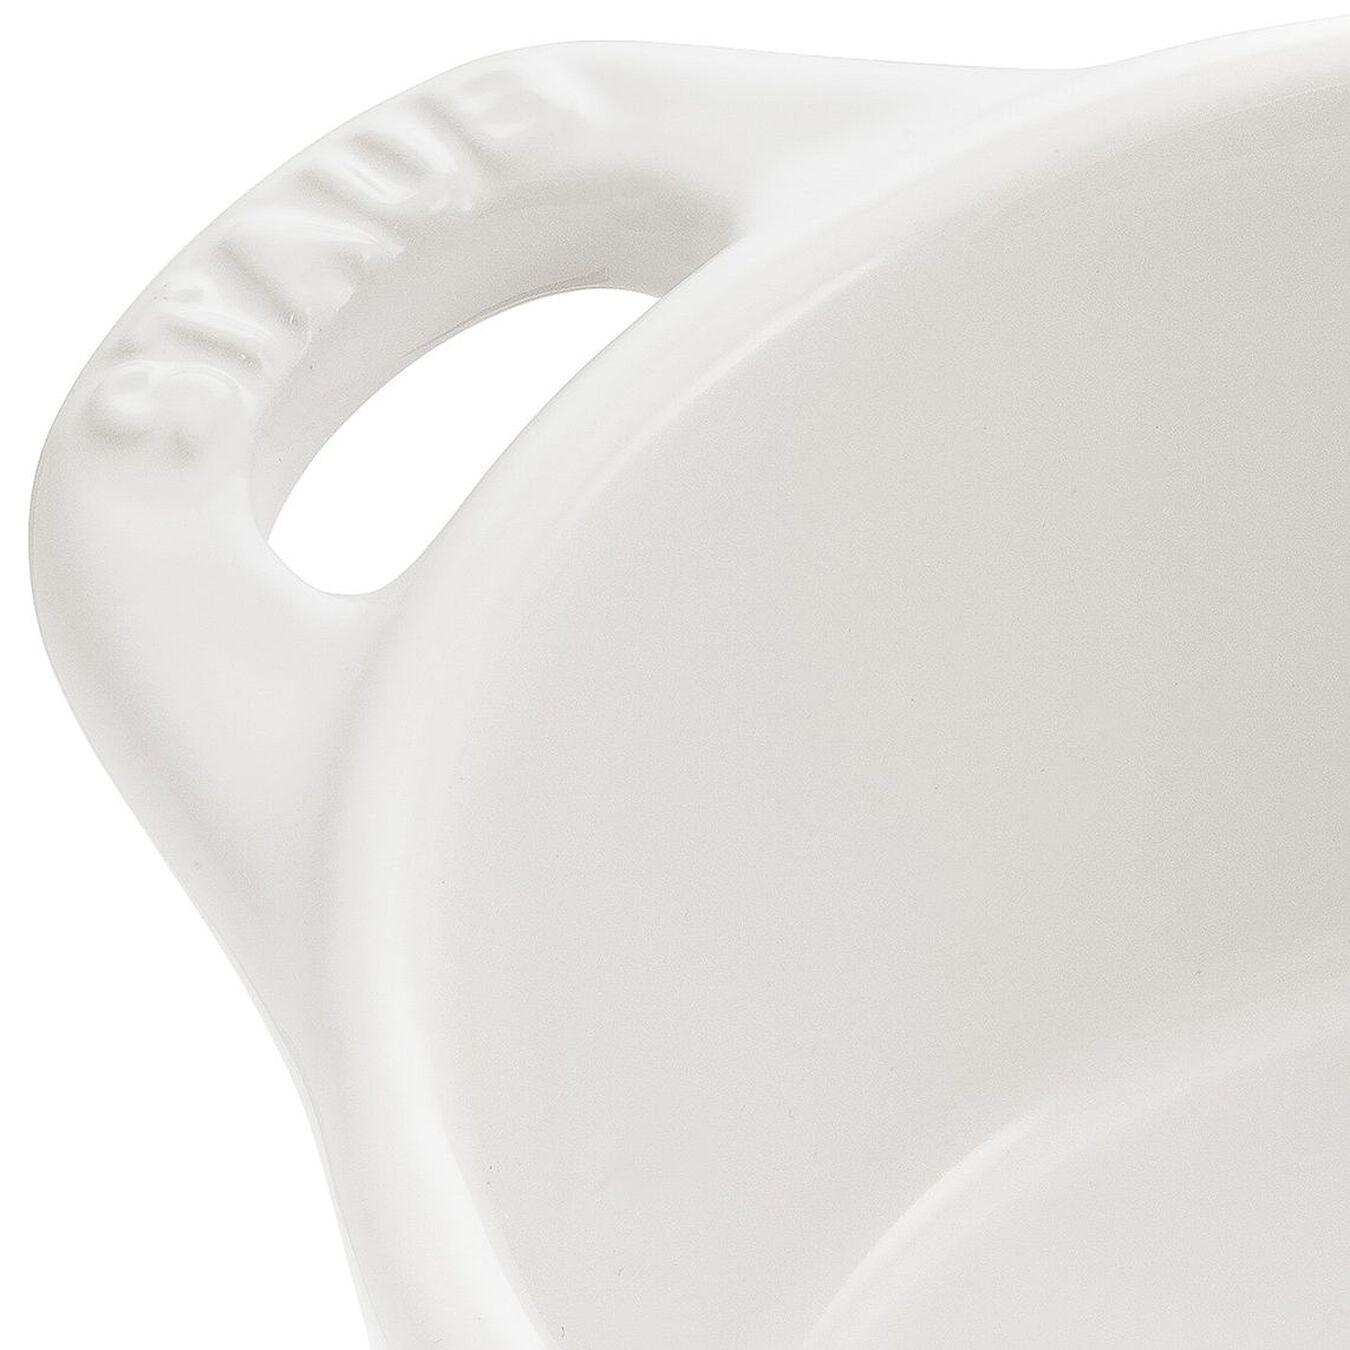 Mini Cocotte 10 cm, Rond(e), Blanc pur, Céramique,,large 2